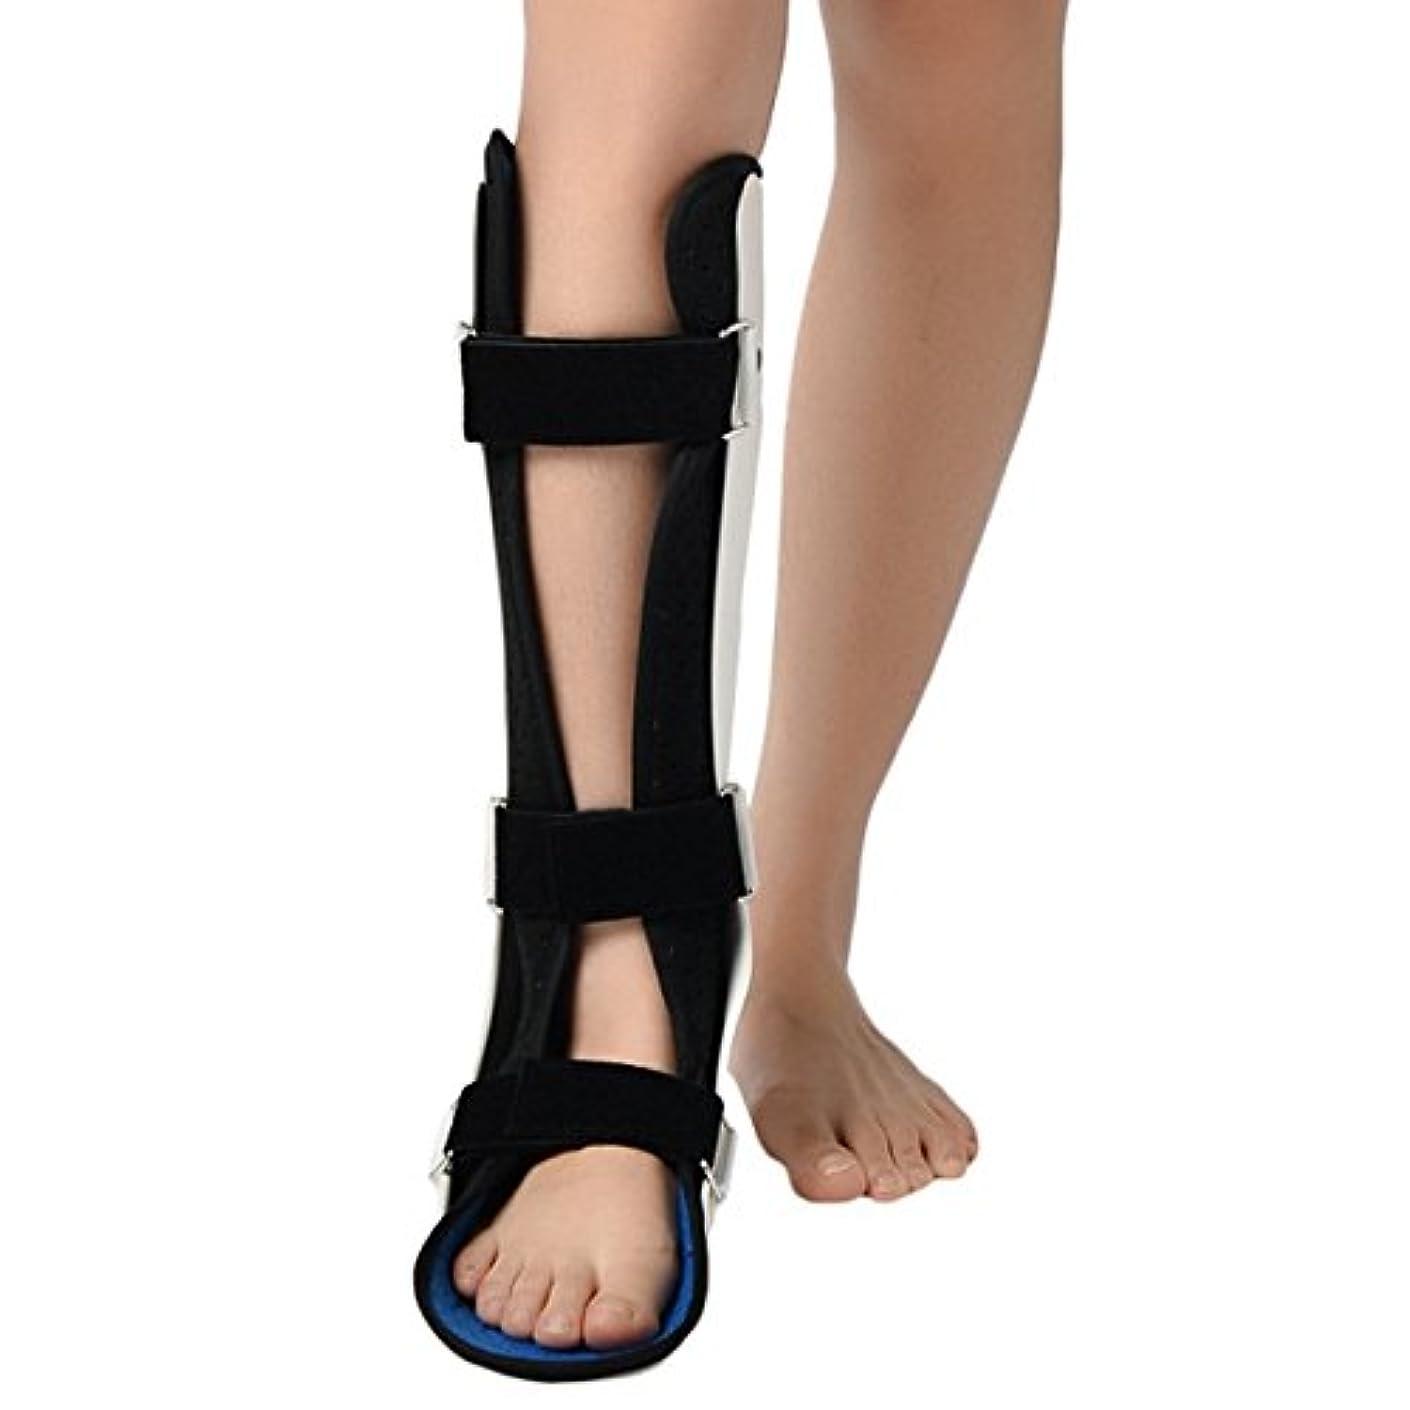 商品ボルトセレナアンクル骨折リハビリテーション看護ケア固定足アンクルブーツアンクルブレースサポート足の捻挫足首サポートブレース